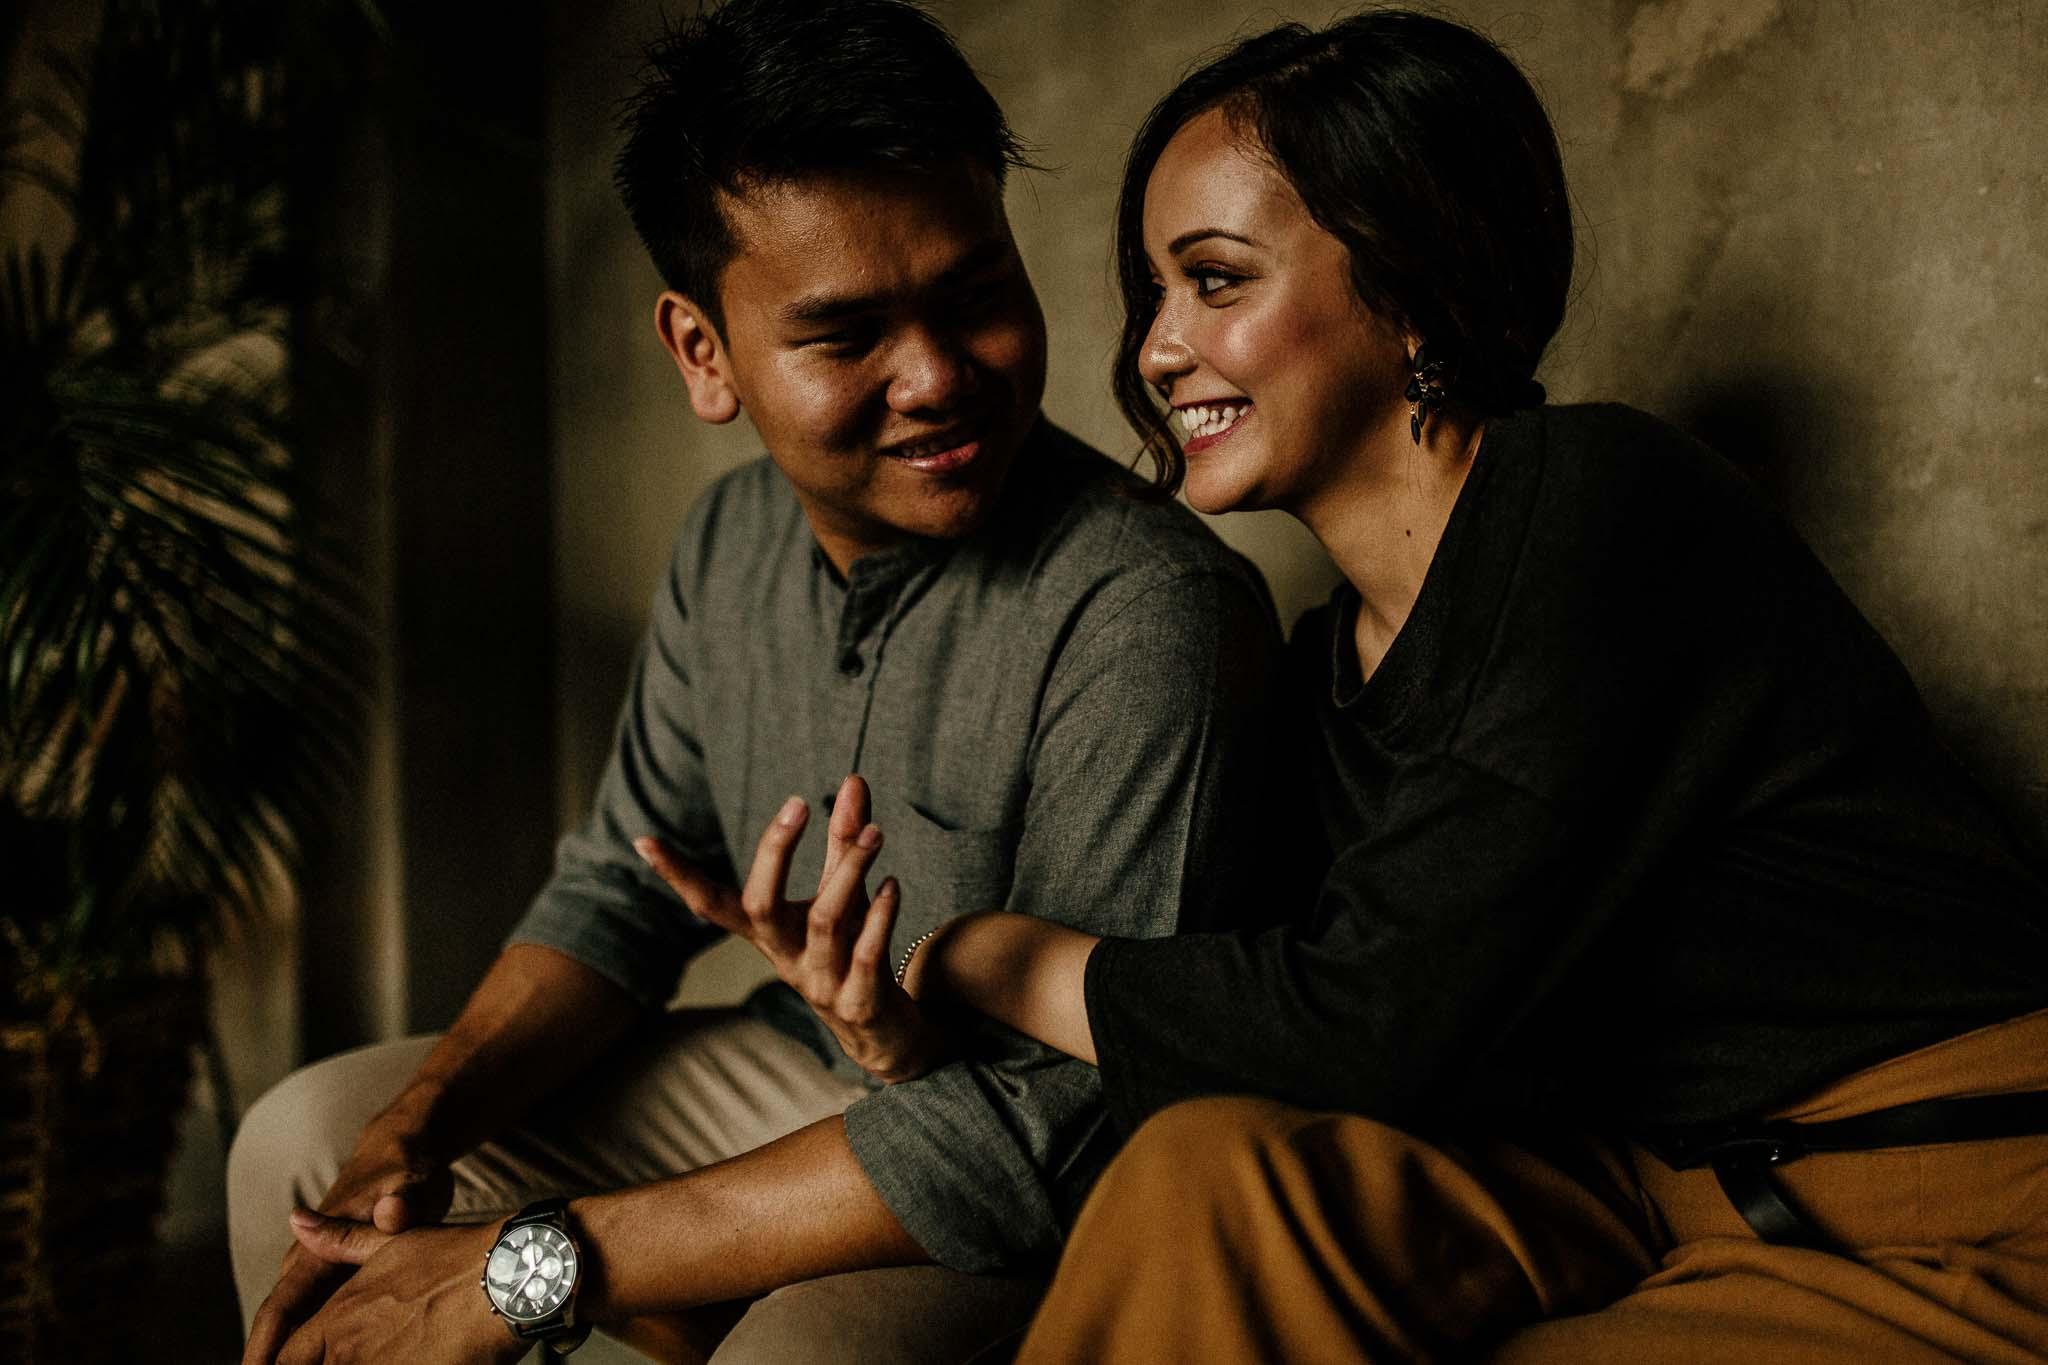 qila&elyas-weddingsbyqay-lovesession (134 of 297).jpg